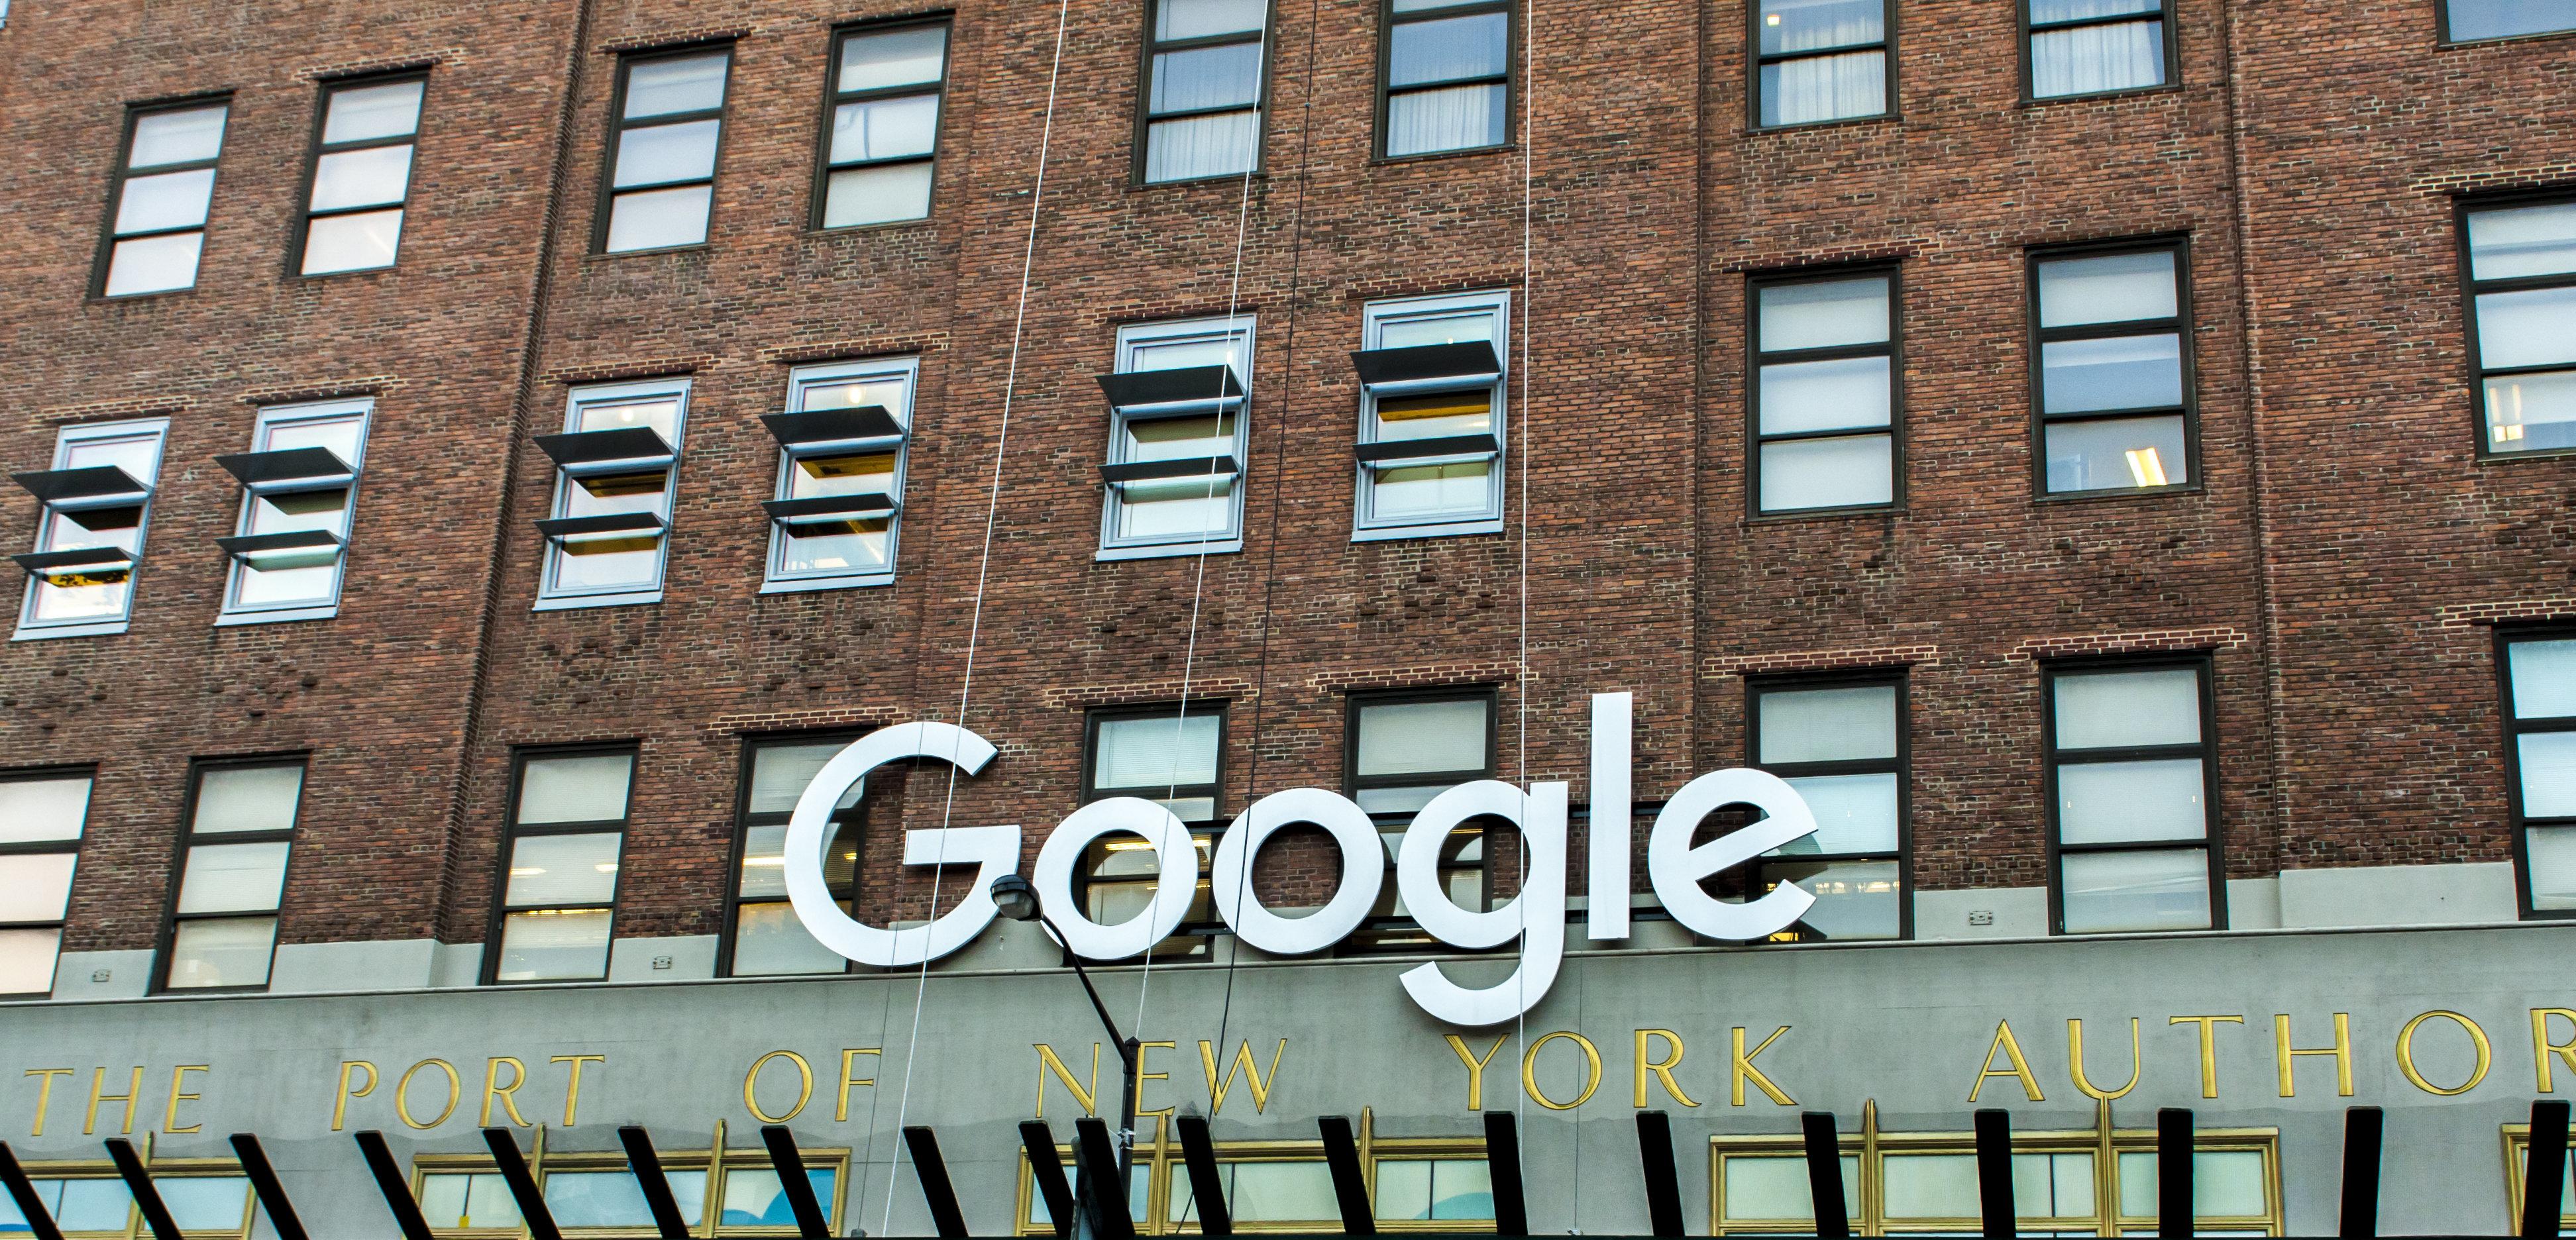 Η Google μπορεί να παραδέχτηκε ότι τρίτοι διαβάζουν το Gmail μας, αλλά μας δίνει συμβουλές για να το